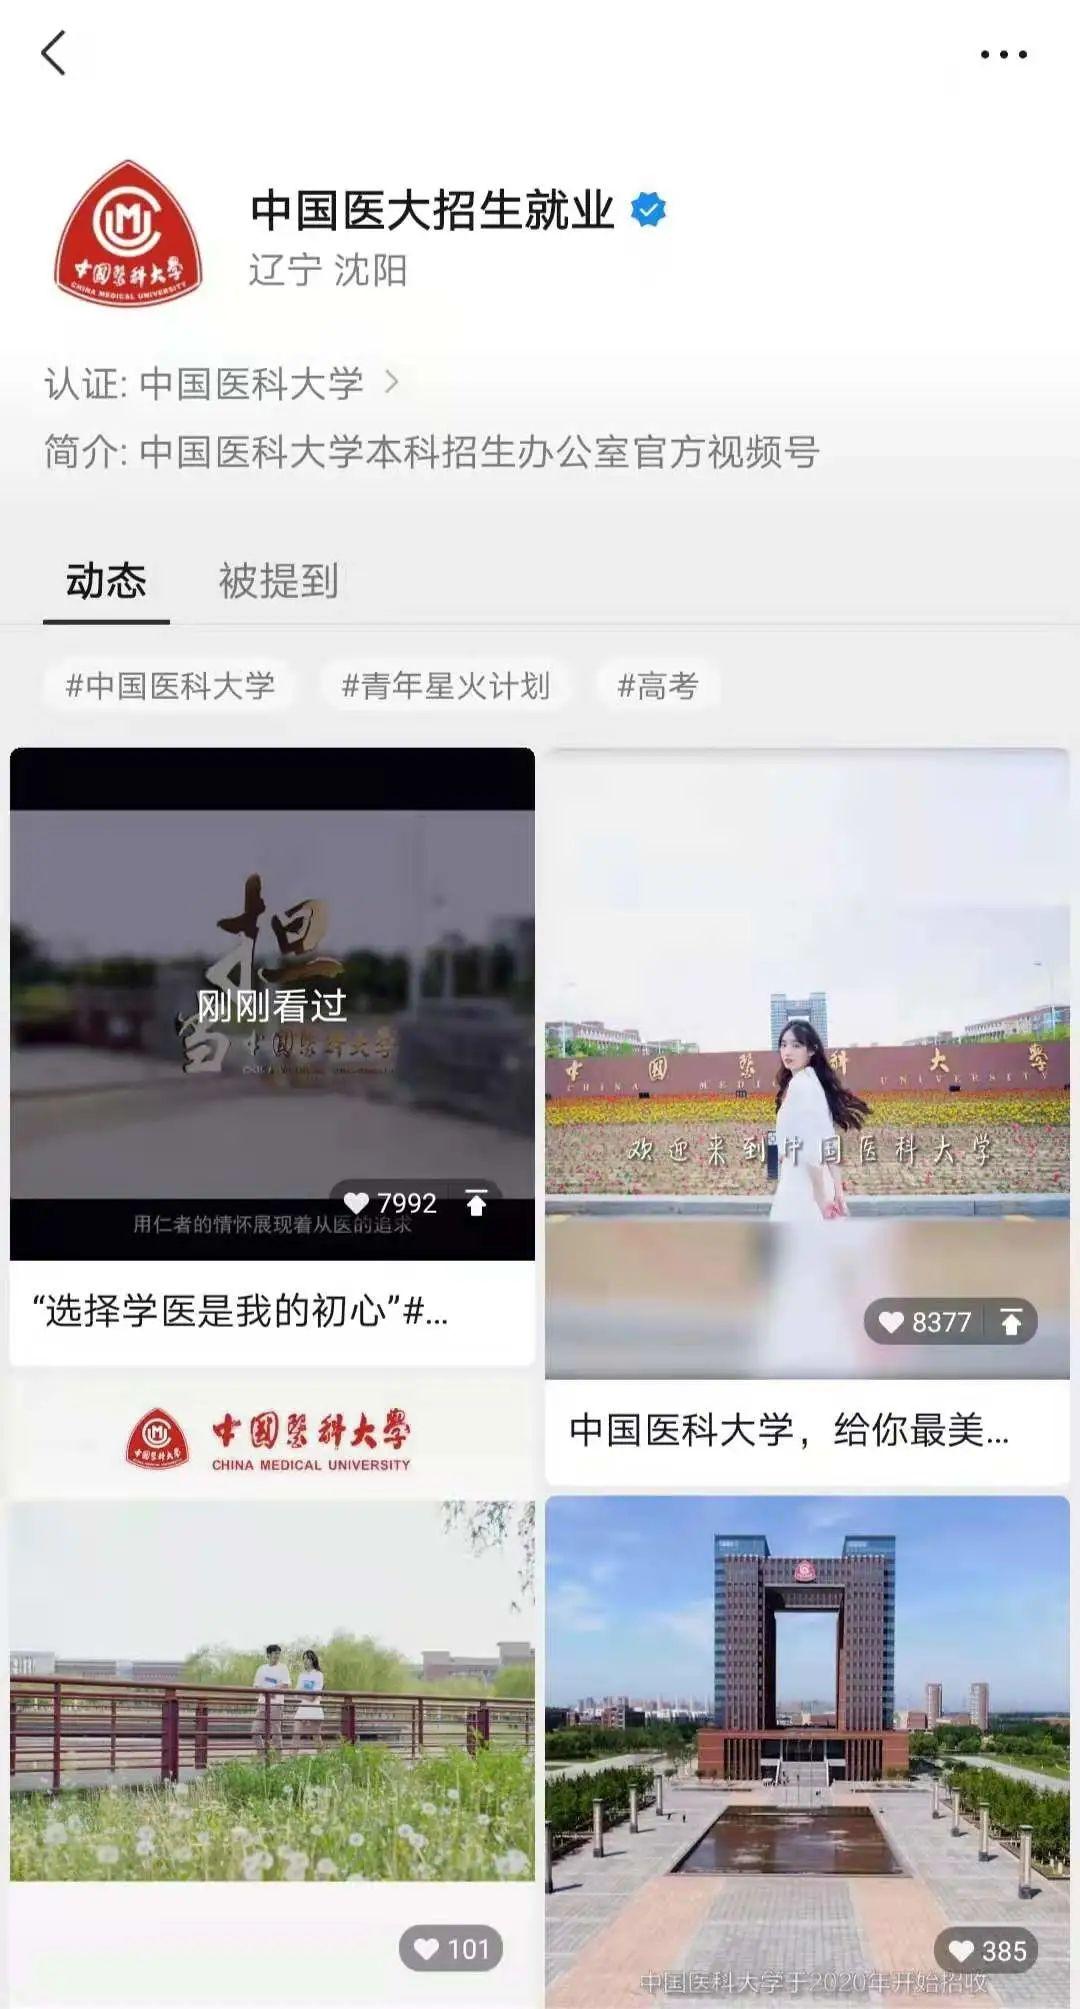 代码10159,欢迎报考中国医科大学!